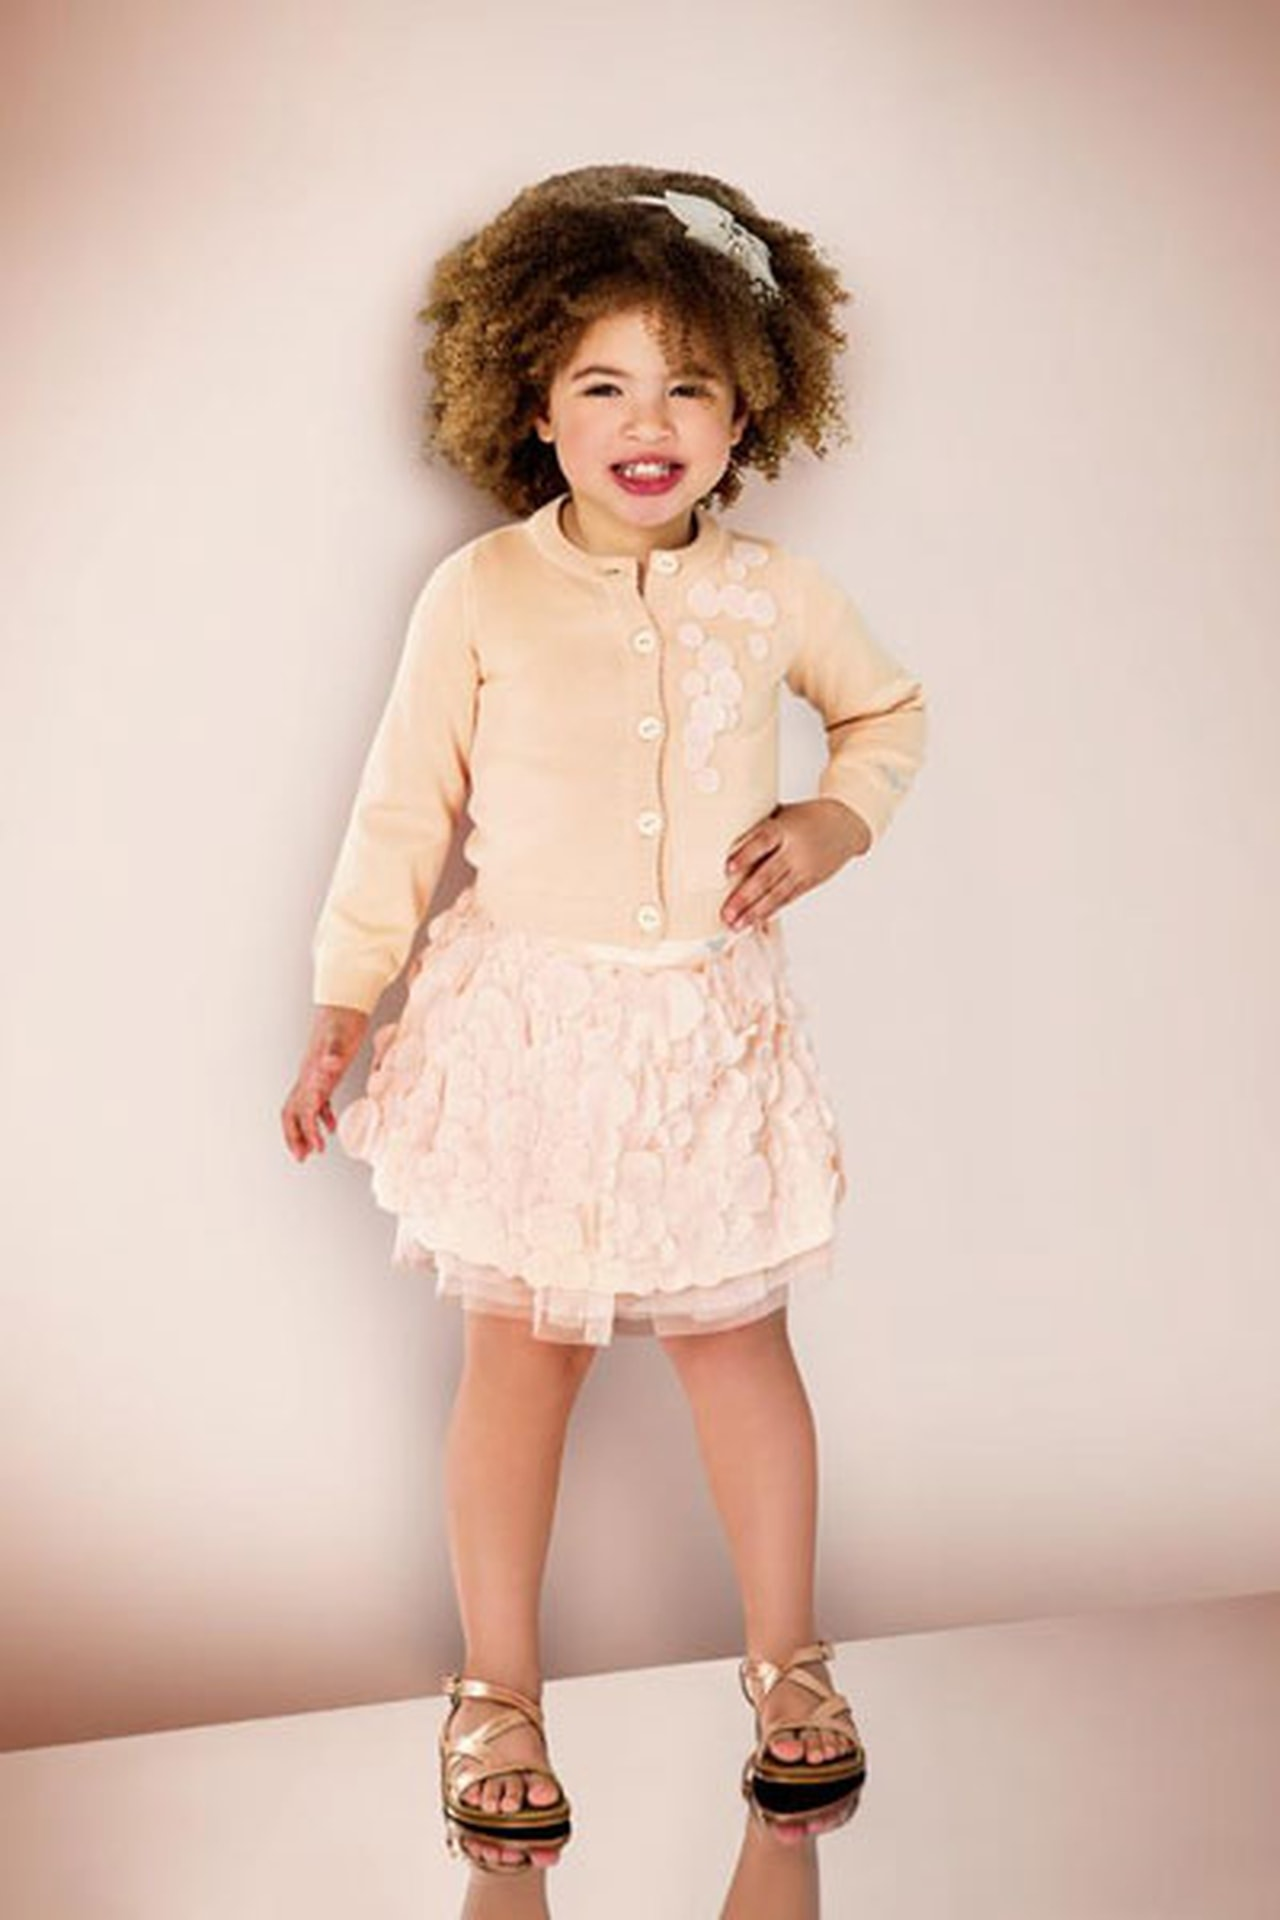 بالصور صور ملابس اطفال , اطفالك الاجمل فى هذه الملابس 475 11